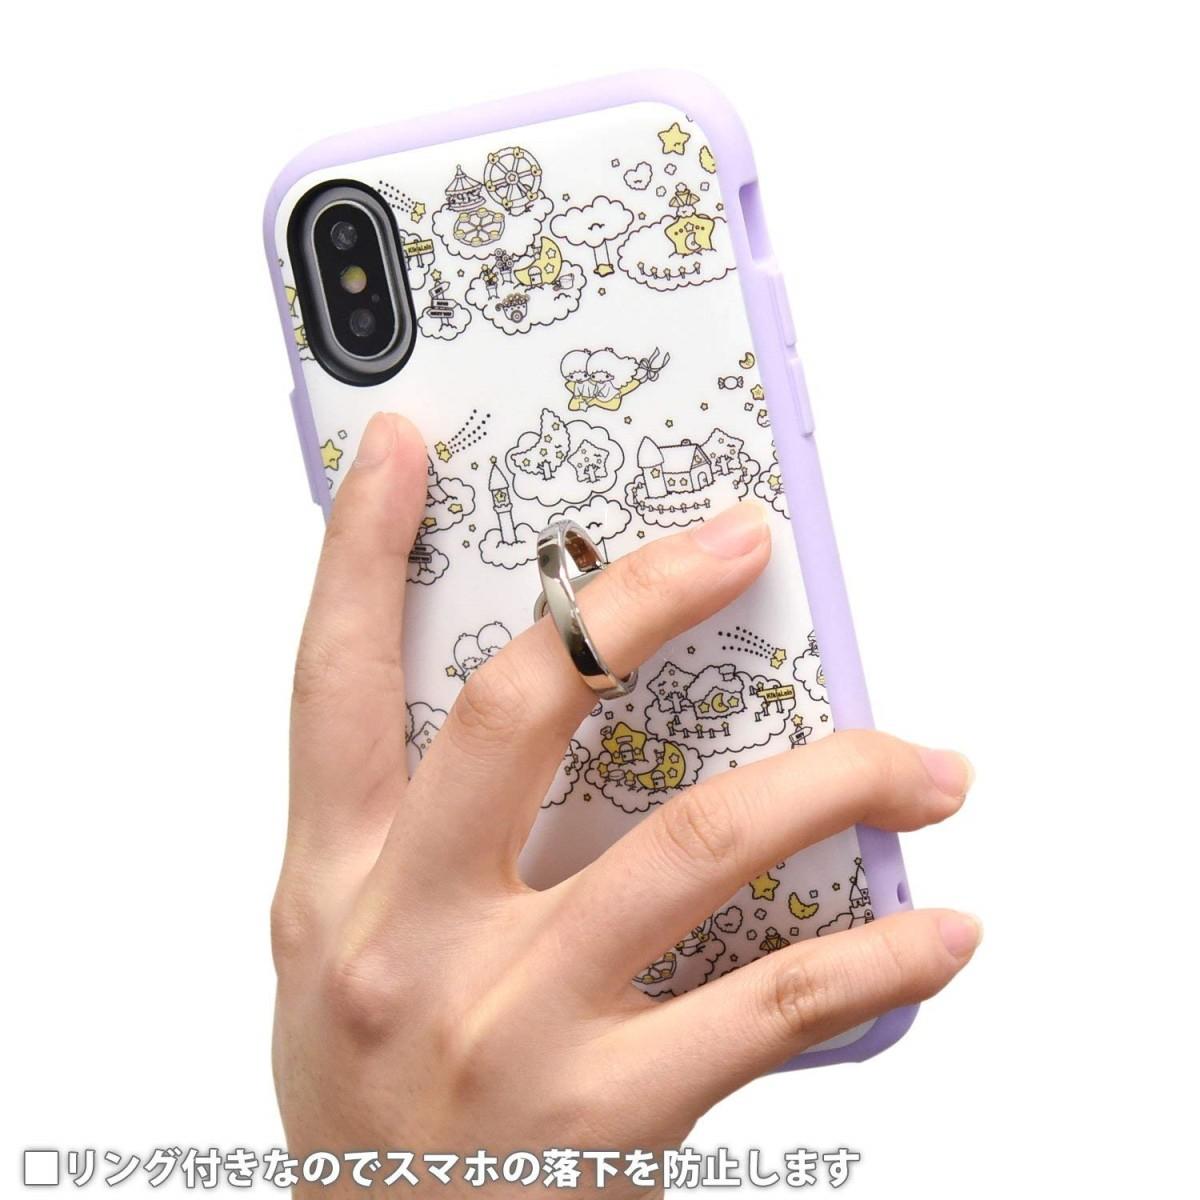 iPhone X用 サンリオキャラクターズ IIIIfitリングケース キキ&ララ SAN-795TSの商品画像|3